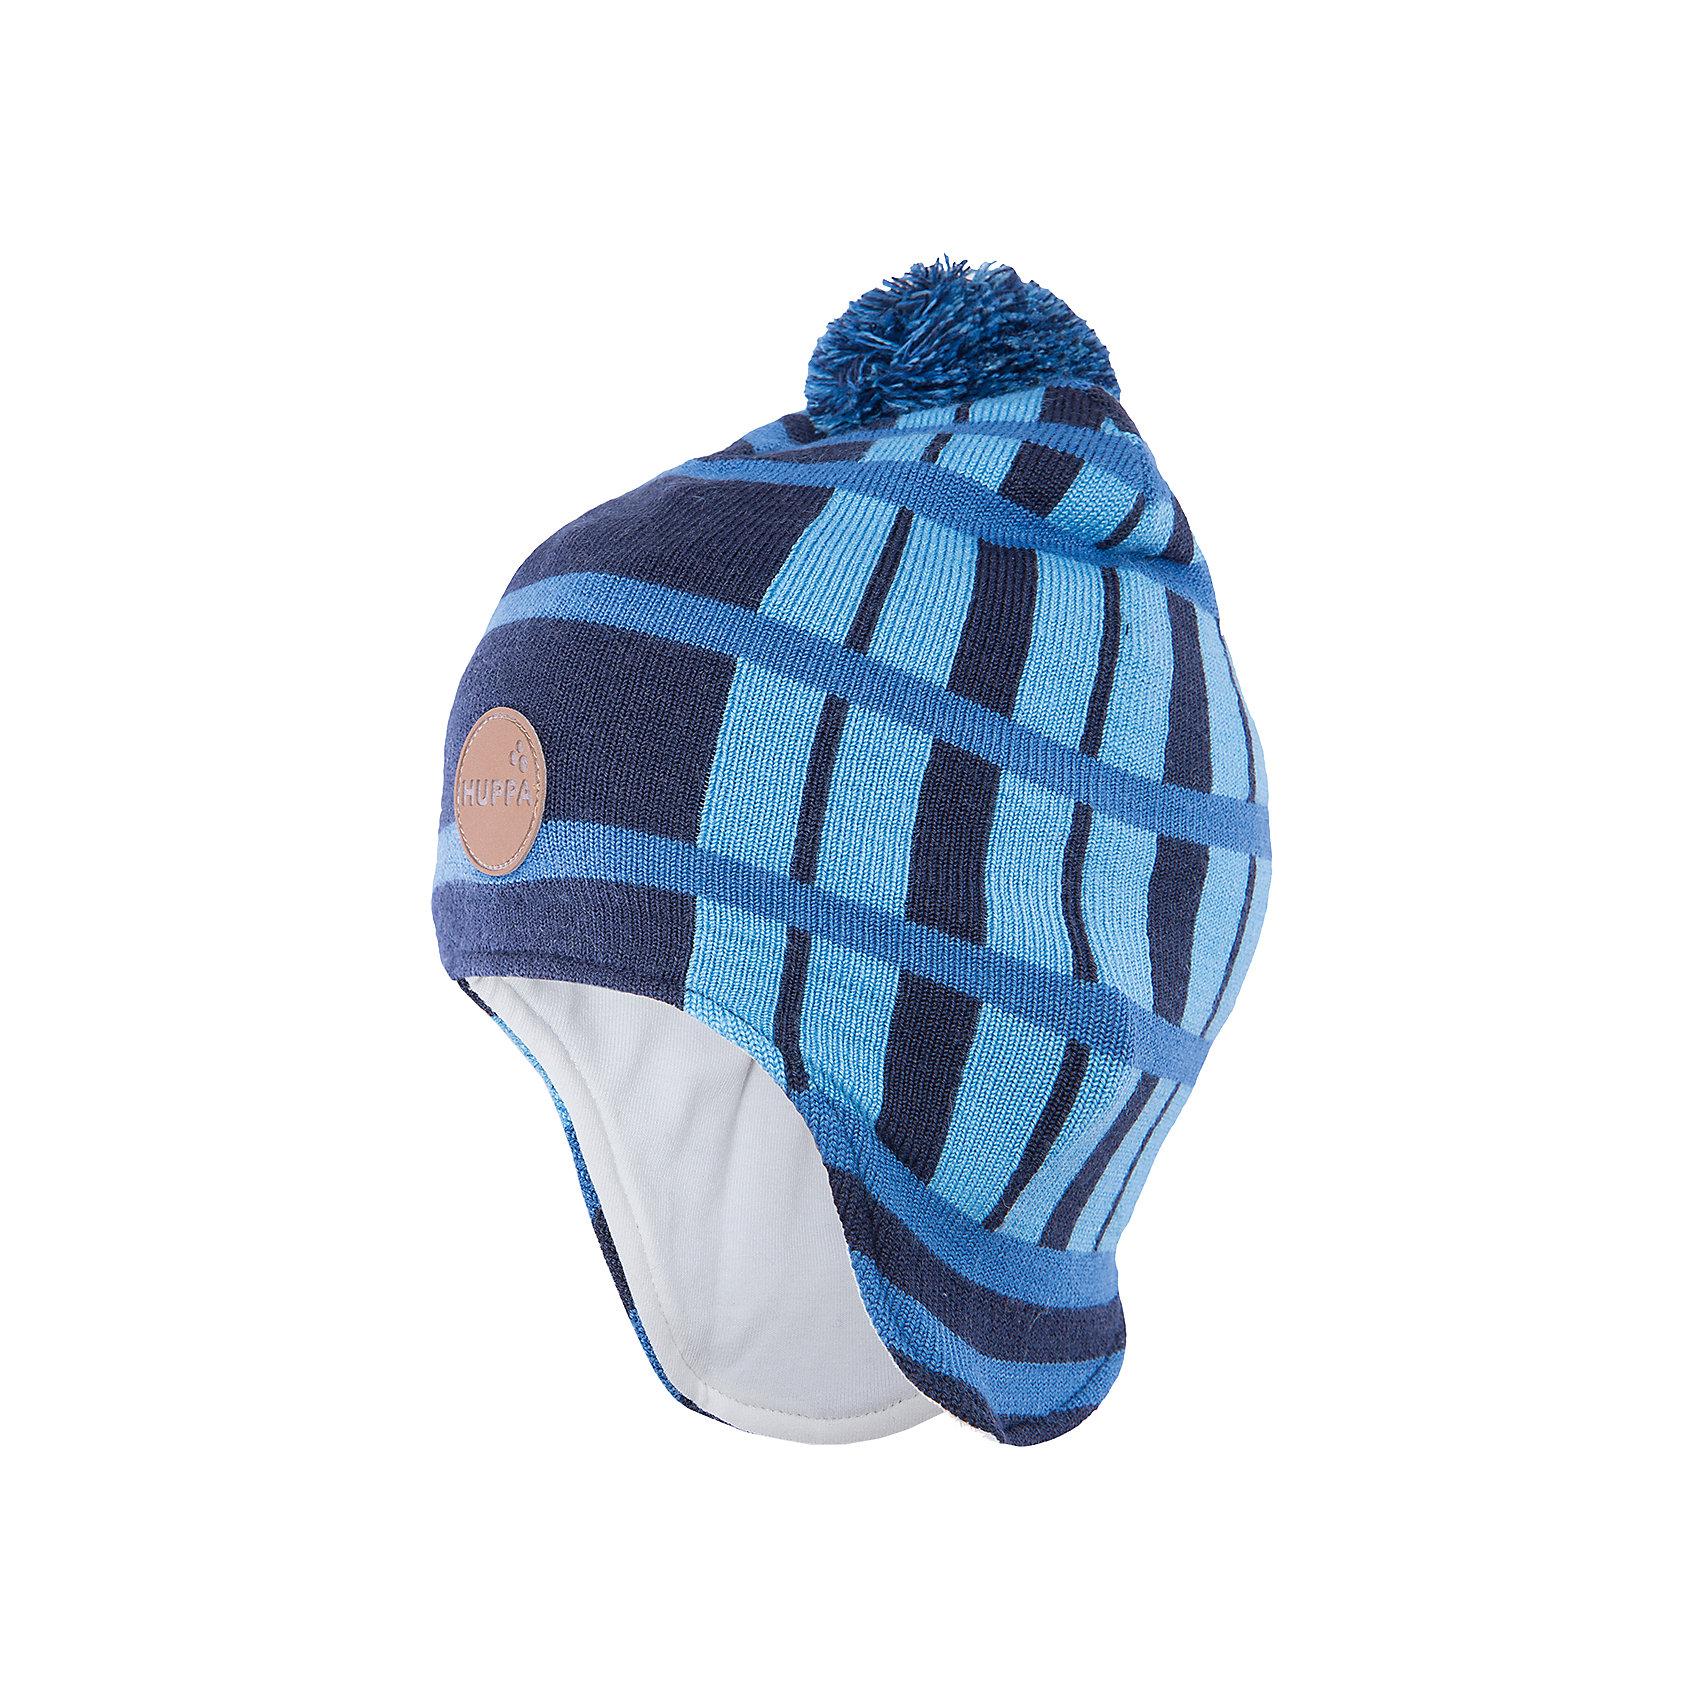 Шапка  HuppaШапочки<br>Удлиненная вязаная шапка Windy от Huppa(Хуппа) изготовлена из шерсти мериноса и акрила. Она отлично сохраняет тепло, надежно закрывает уши и не вызывает раздражения на коже, благодаря подкладке из хлопка. Шапка имеет рисунок с полосками, помпон и эмблему фирмы спереди. В этой шапочке ребенку несомненно будет очень тепло и комфортно!<br><br>Дополнительная информация:<br>Цвет: темно-синий<br>Материал: 100% полиэстер<br>Подкладка: трикотаж - 100% хлопок<br><br>Шапку Huppa(Хуппа) вы можете приобрести в нашем интернет-магазине.<br><br>Ширина мм: 89<br>Глубина мм: 117<br>Высота мм: 44<br>Вес г: 155<br>Цвет: синий<br>Возраст от месяцев: 12<br>Возраст до месяцев: 24<br>Пол: Мужской<br>Возраст: Детский<br>Размер: 47-49,55-57,51-53<br>SKU: 4923553